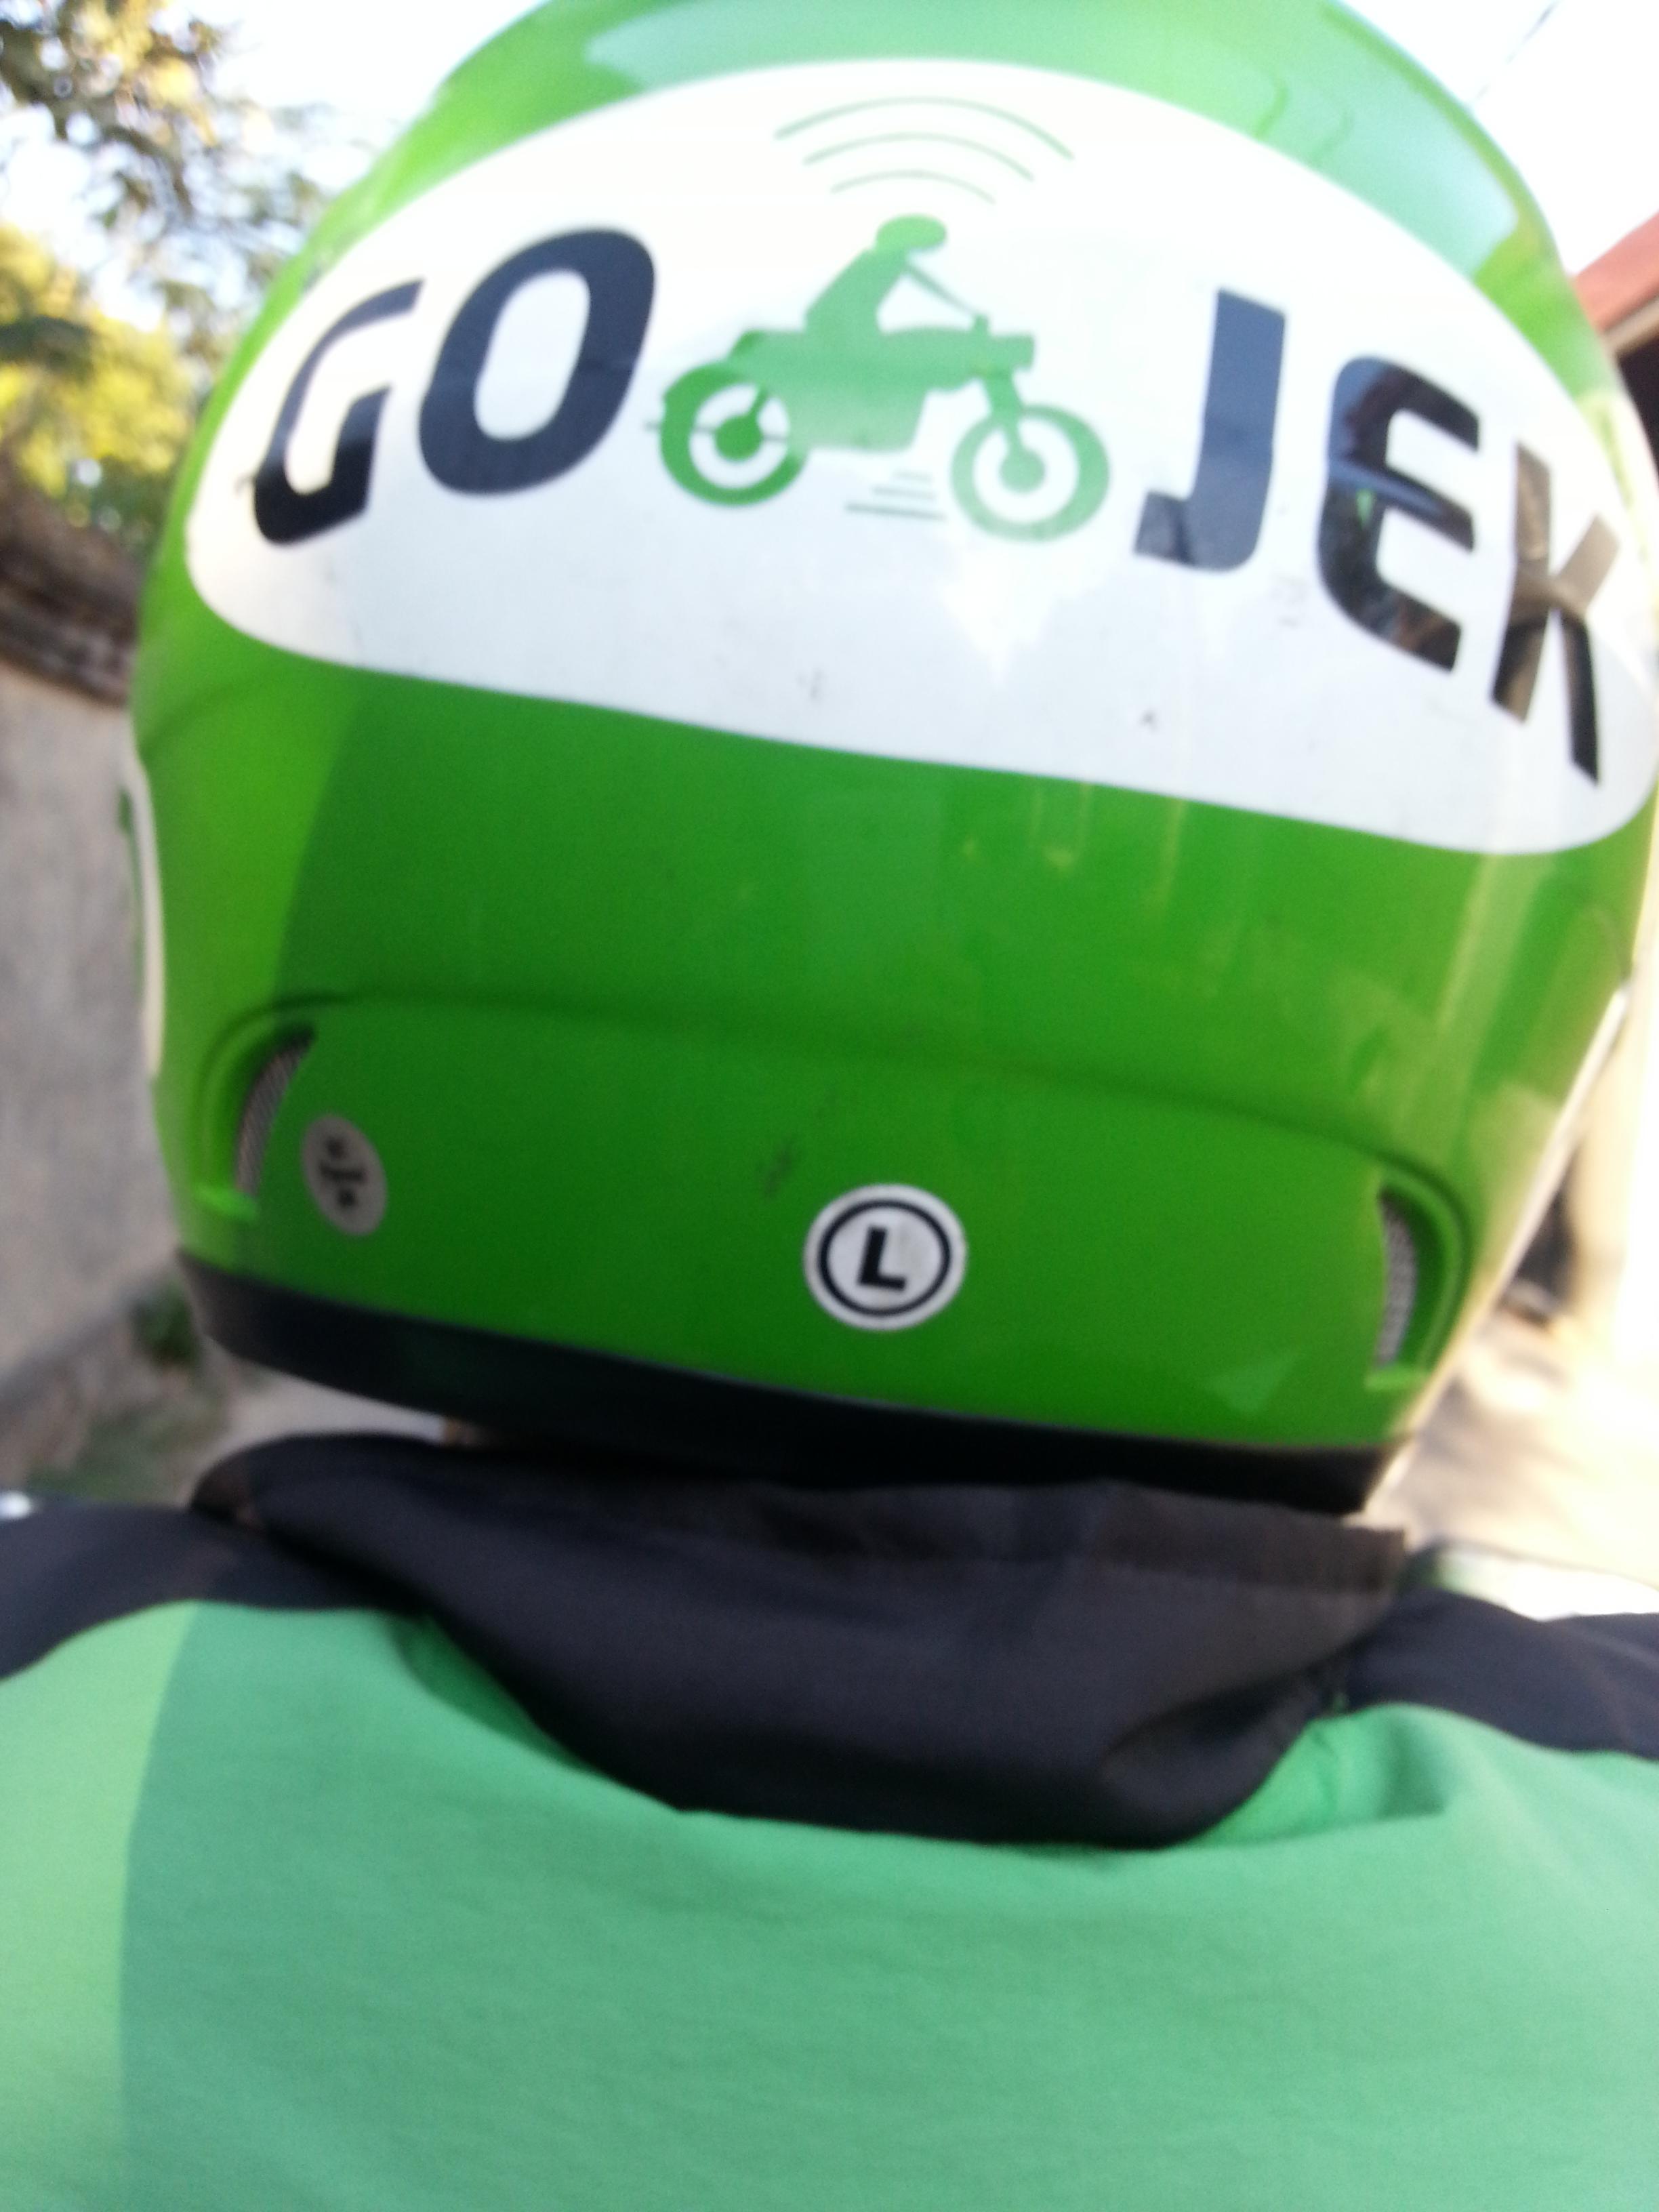 Go Jek 1